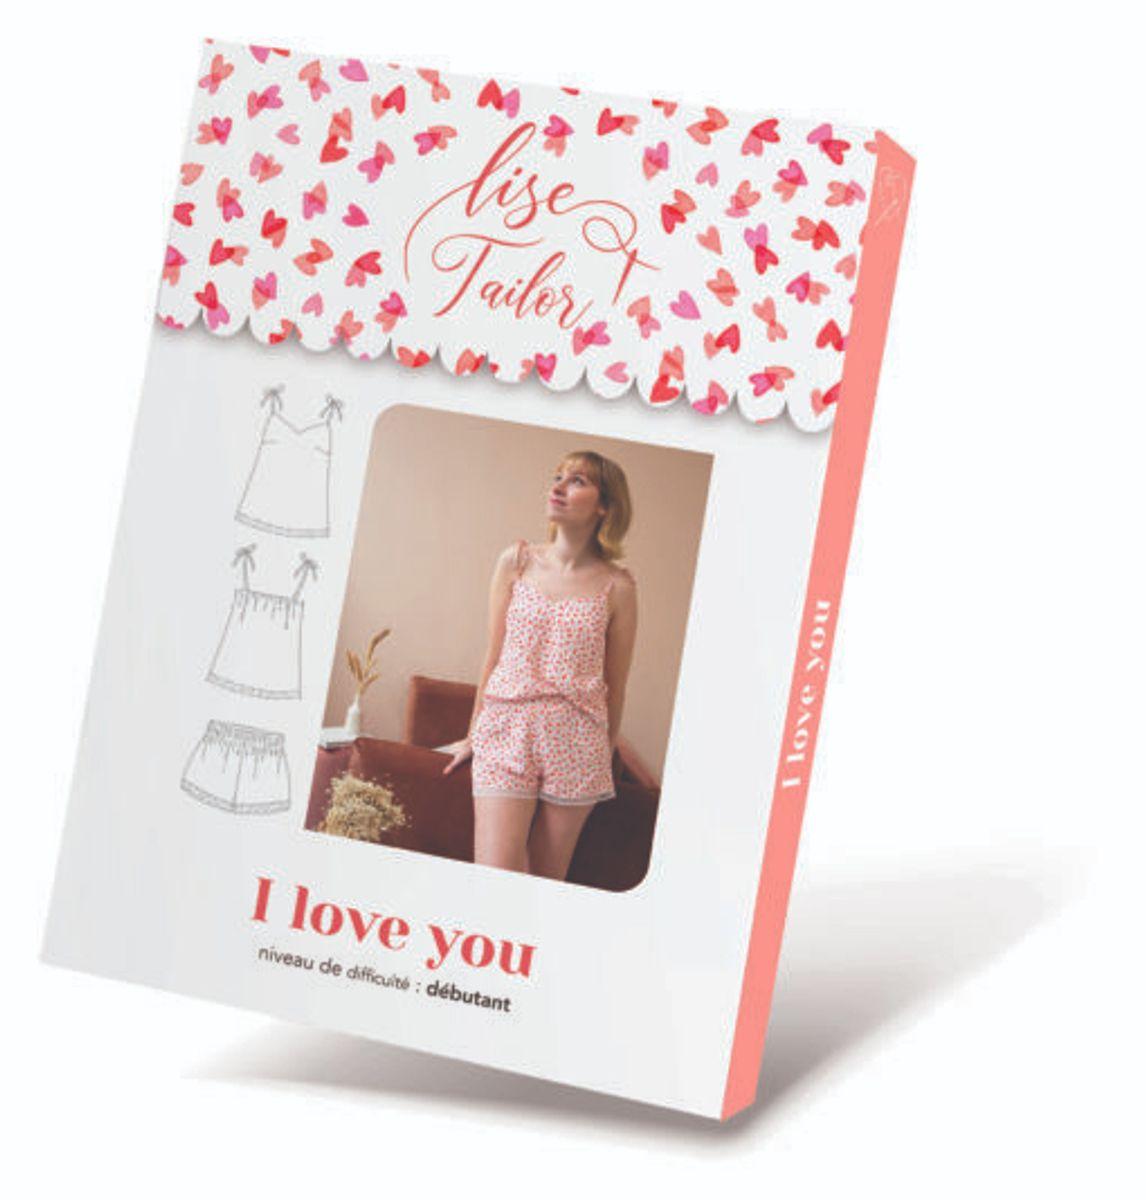 Patron de lingerie caraco et shorty - I love you - Lise Tailor